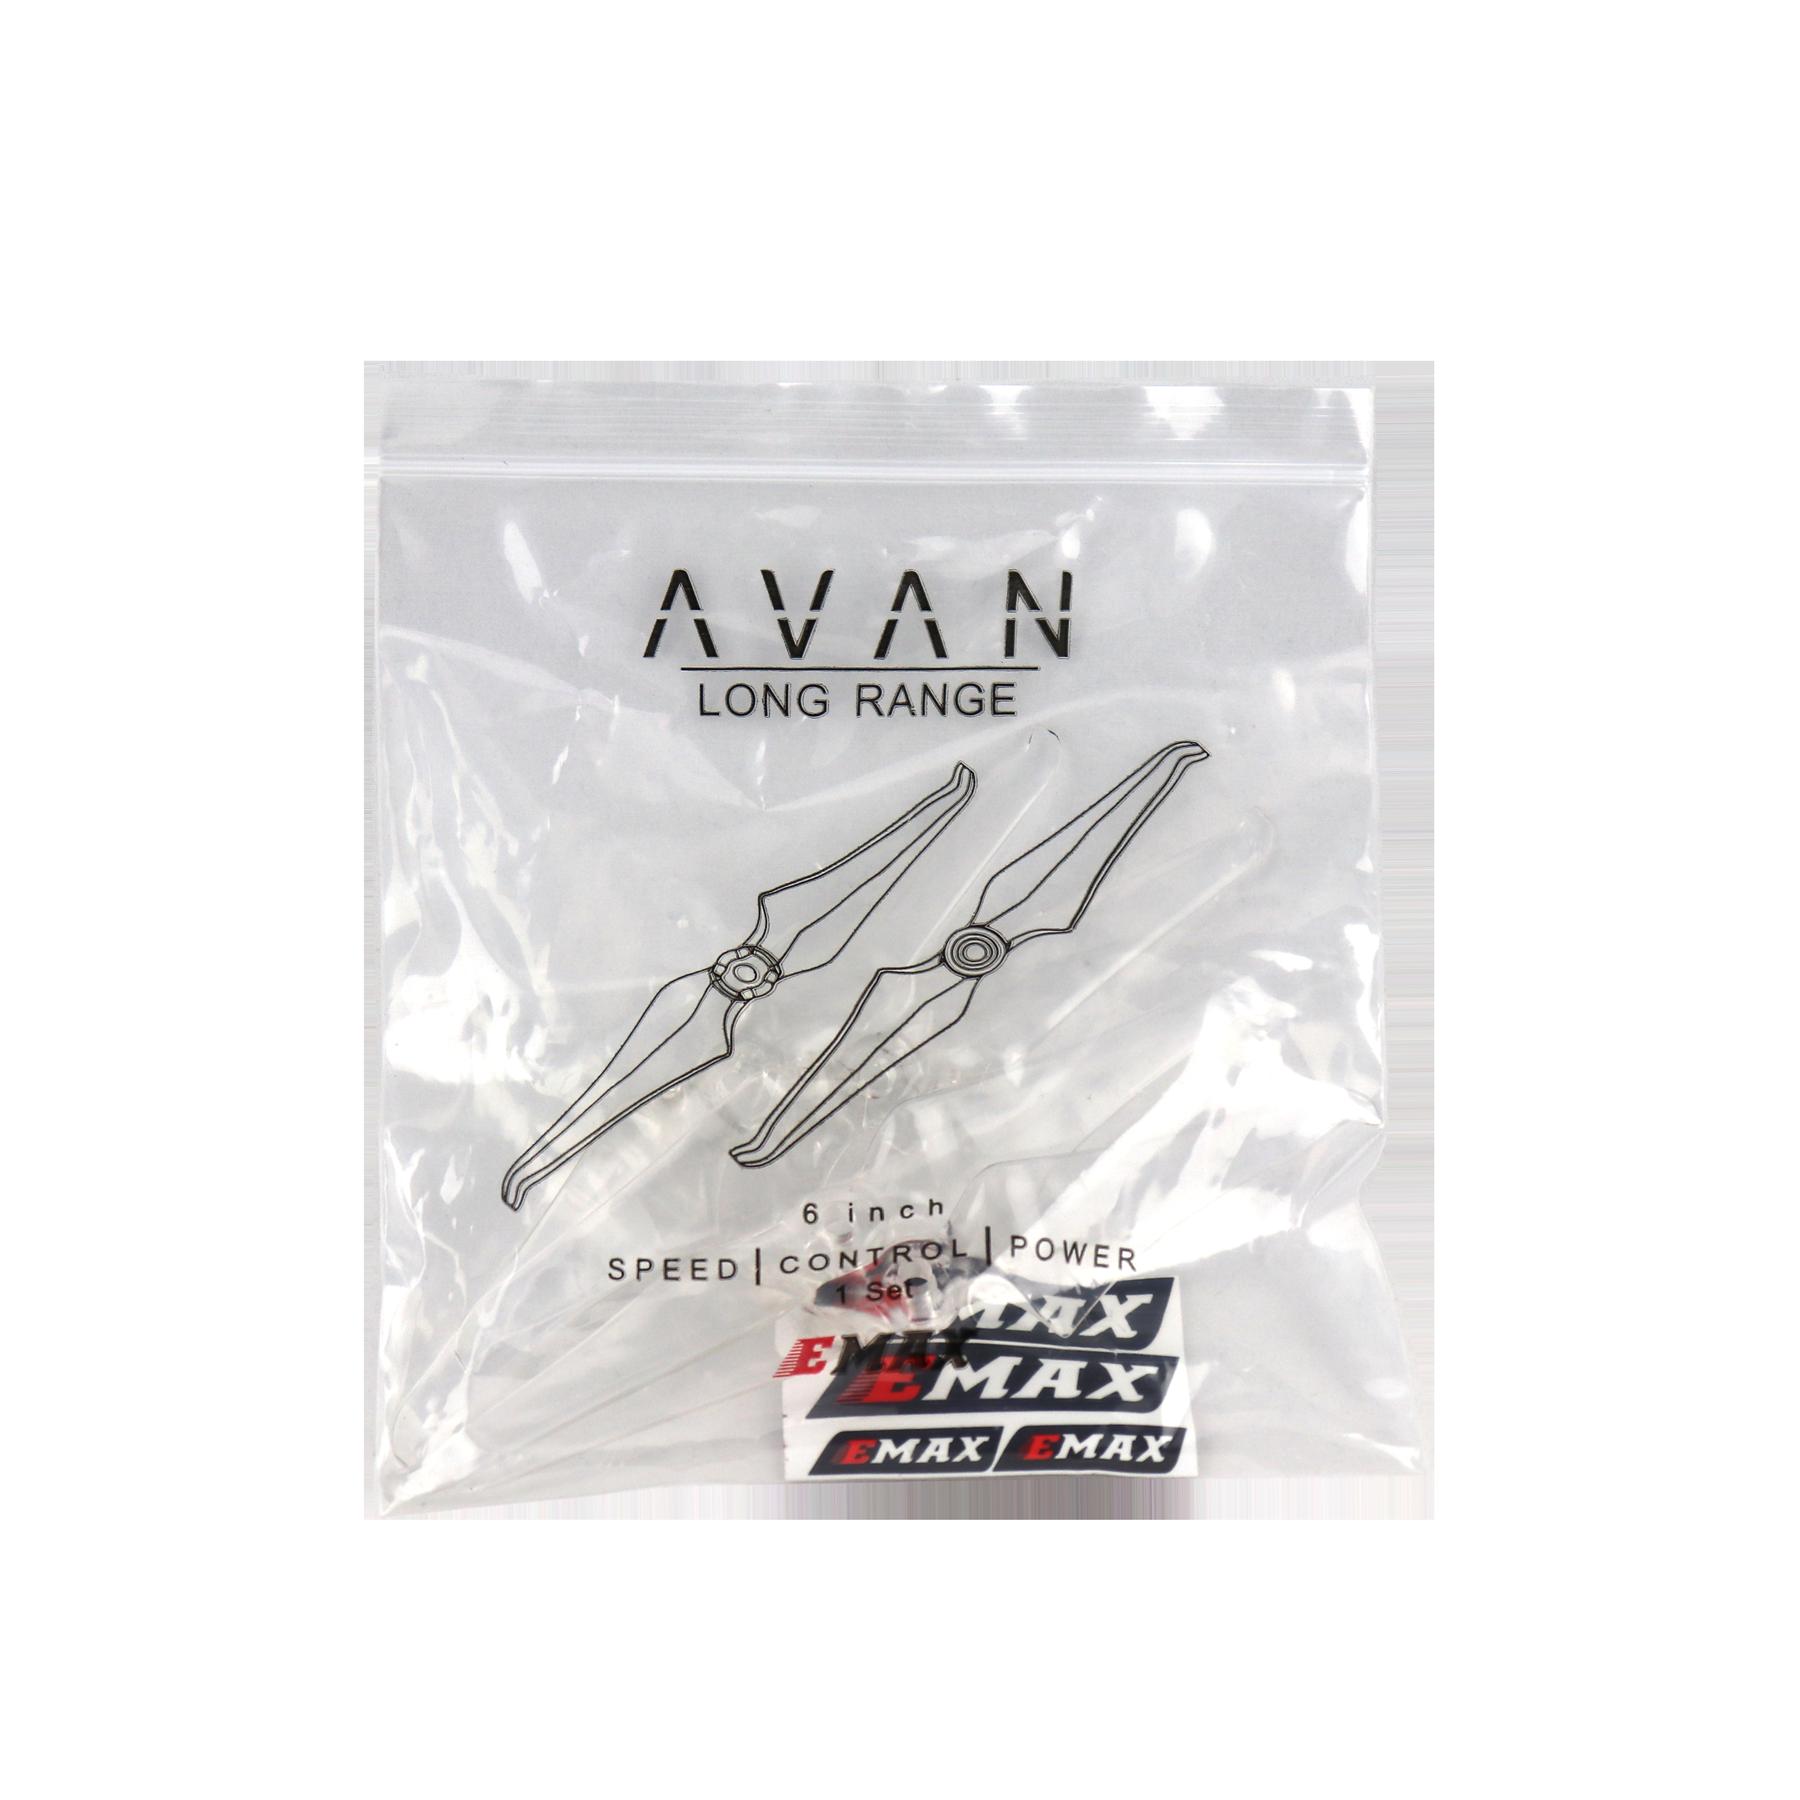 EMAX AVAN FLOW 6 inch